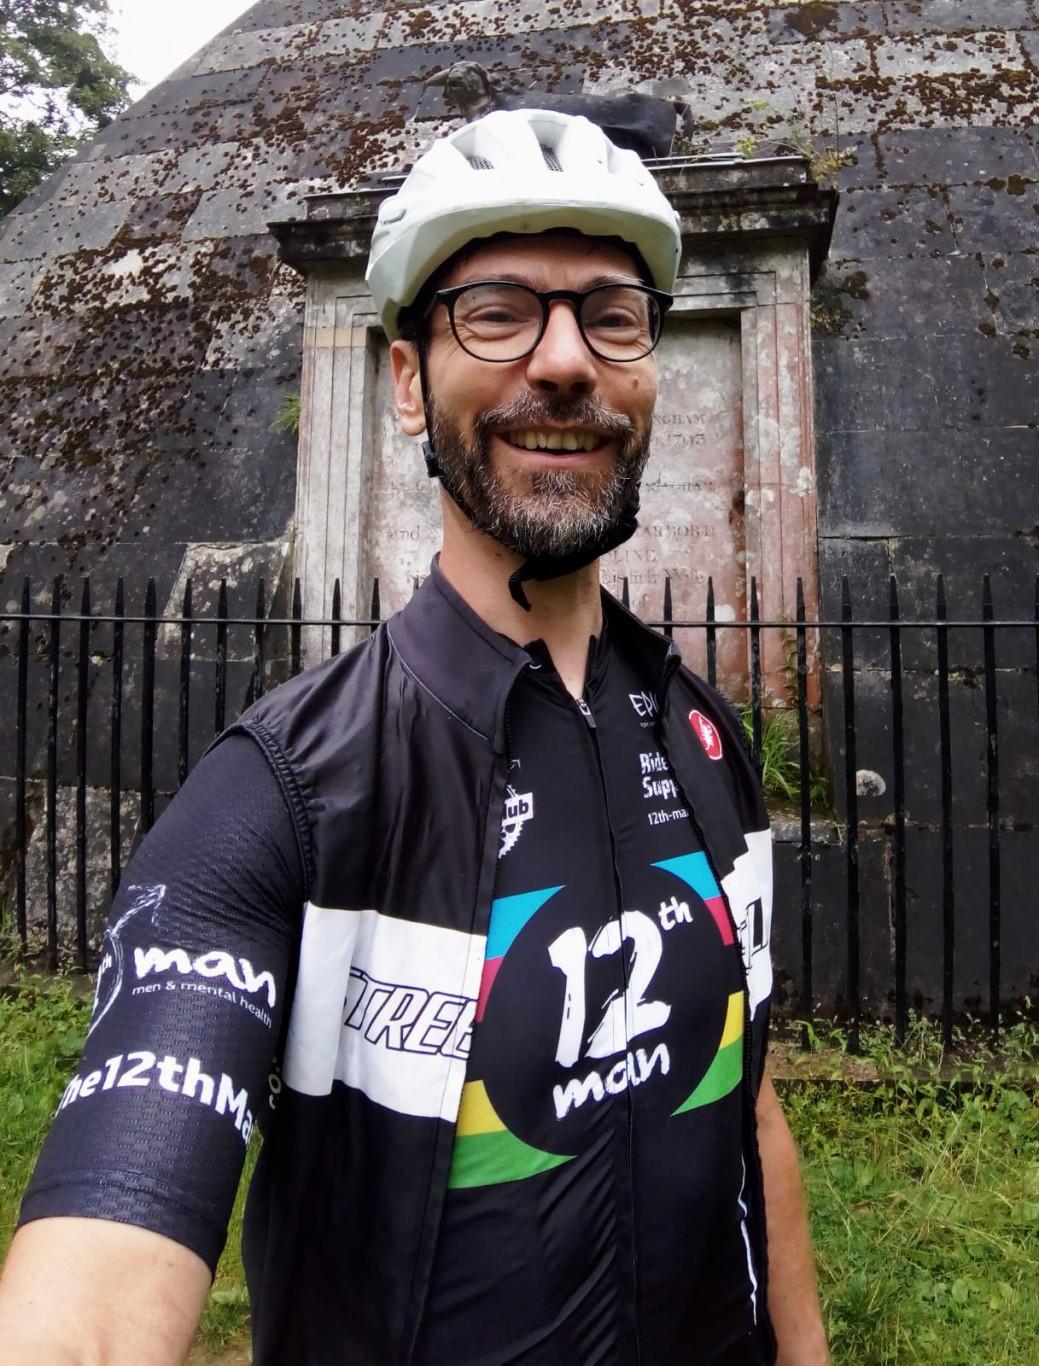 New 12th Man Cycling Kit